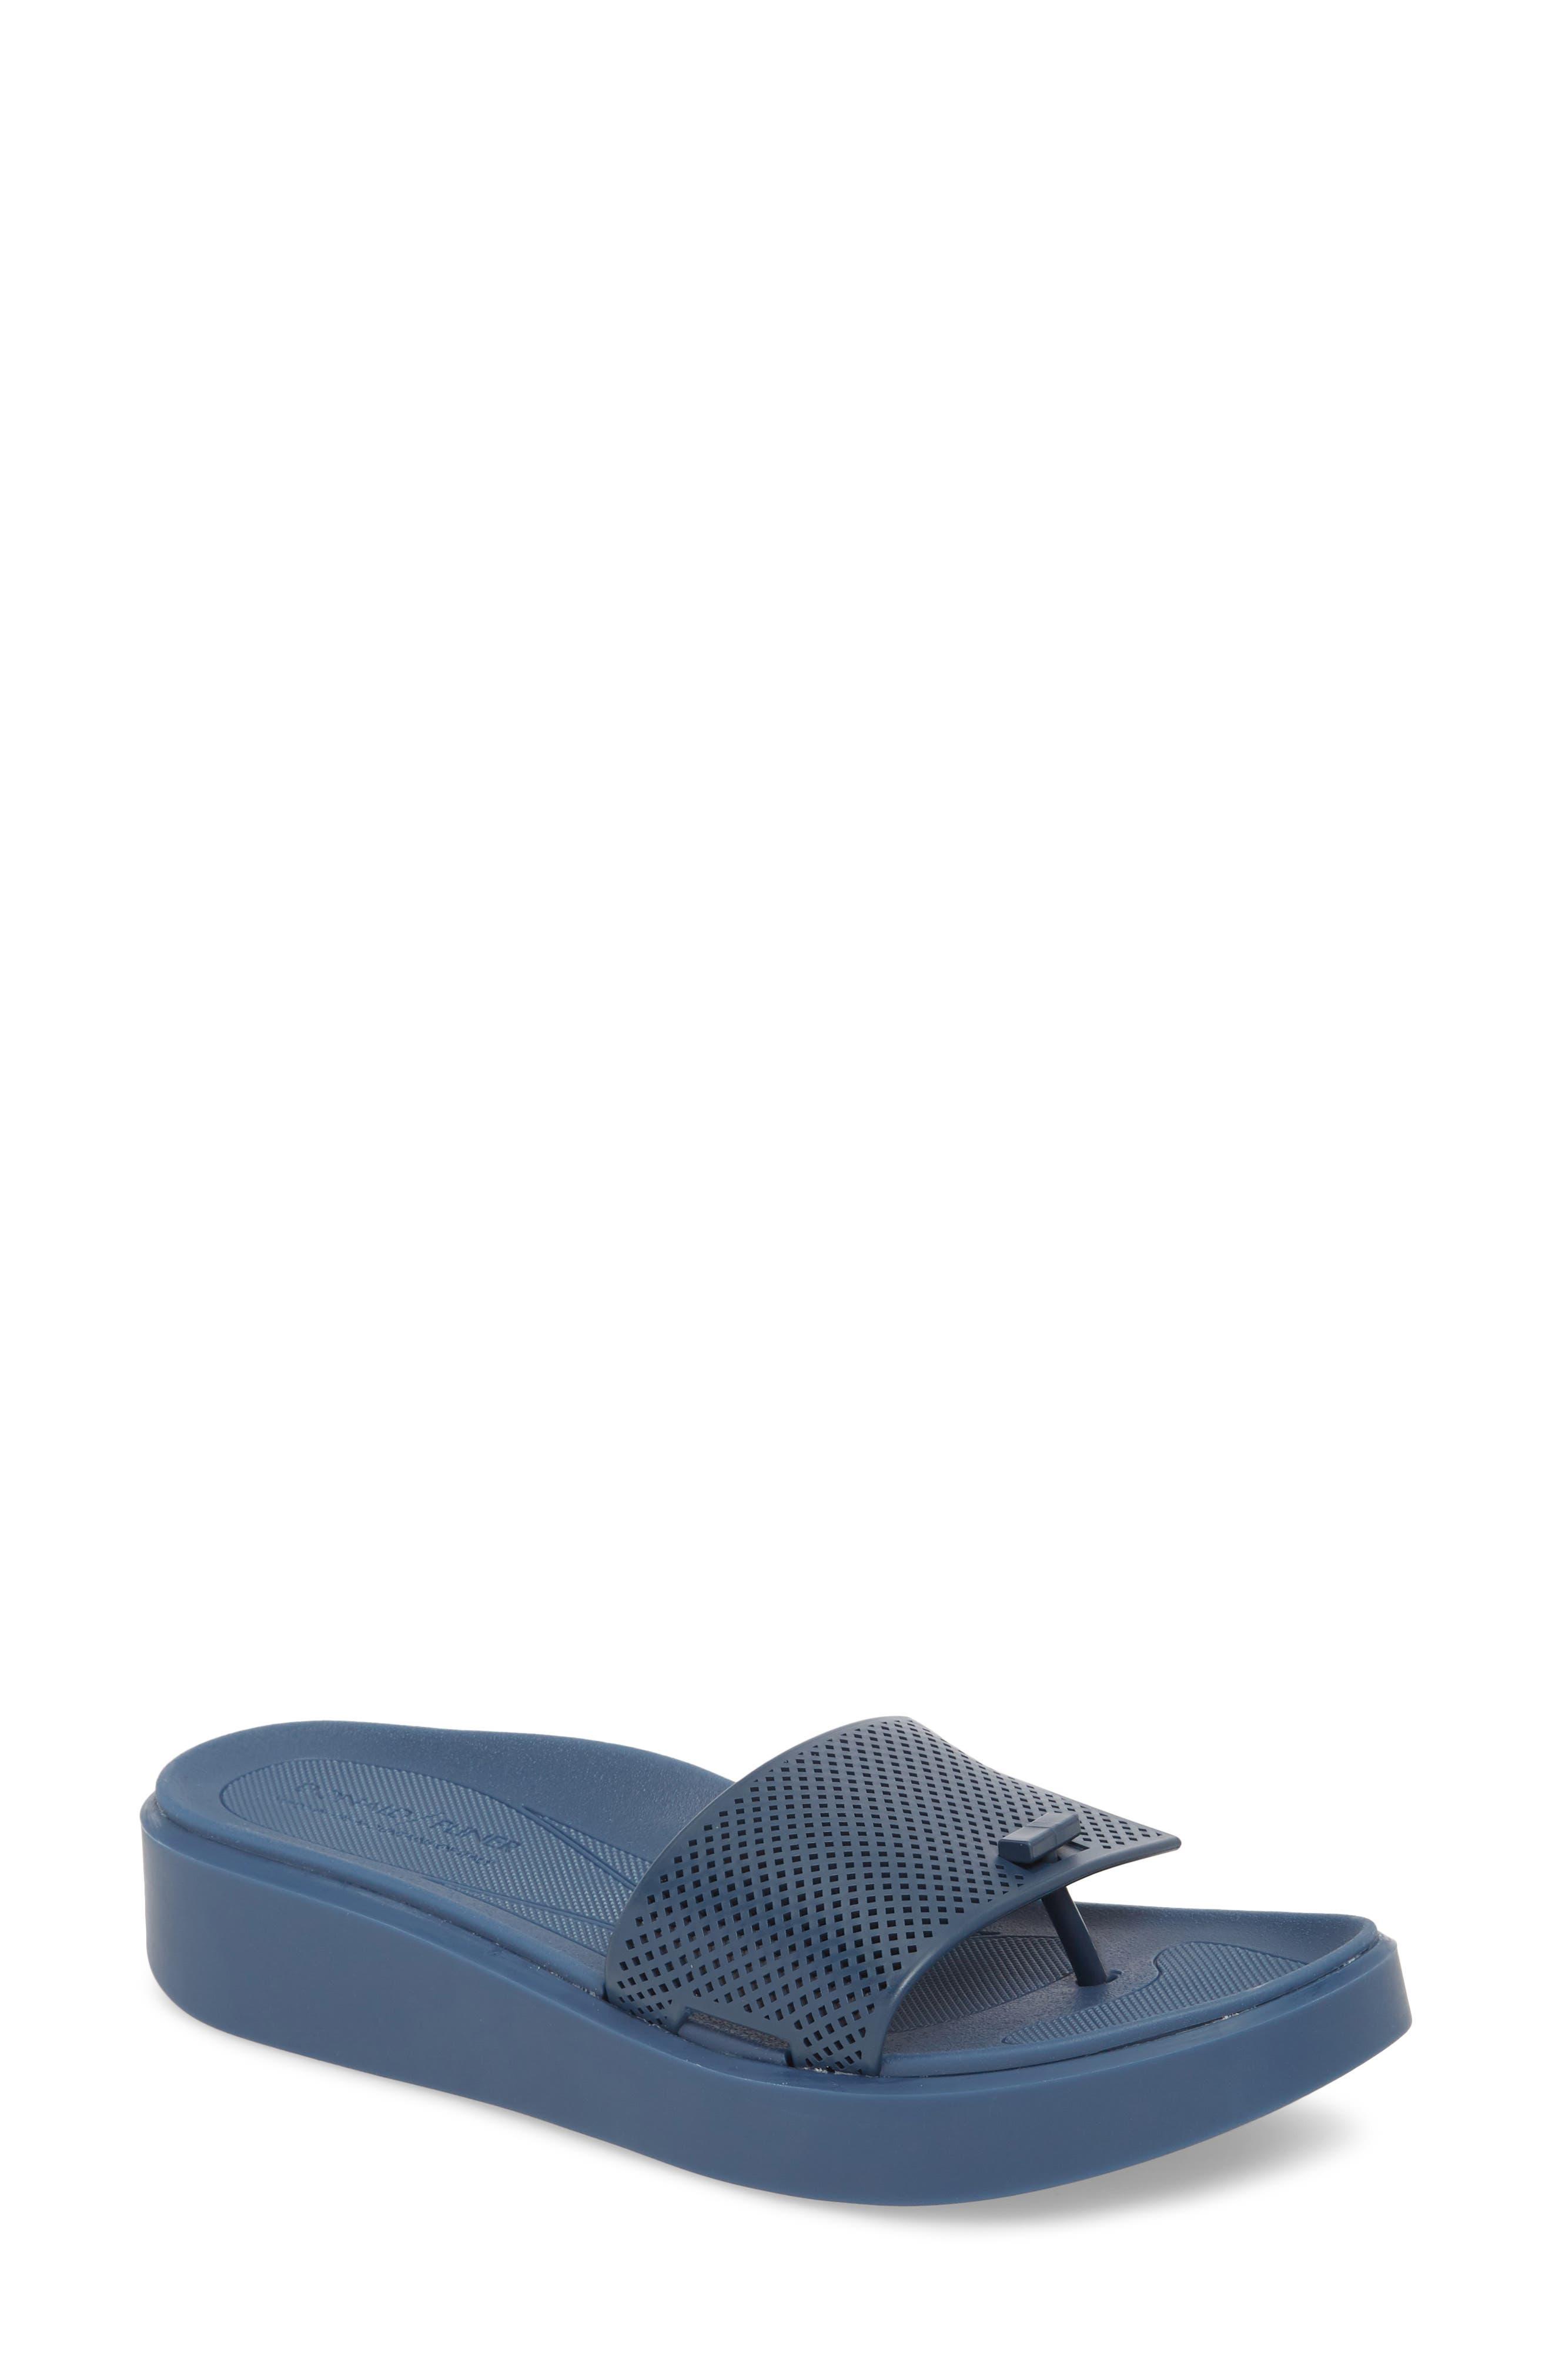 Donald Pliner Bondi Jelly Slide Sandal (Women)